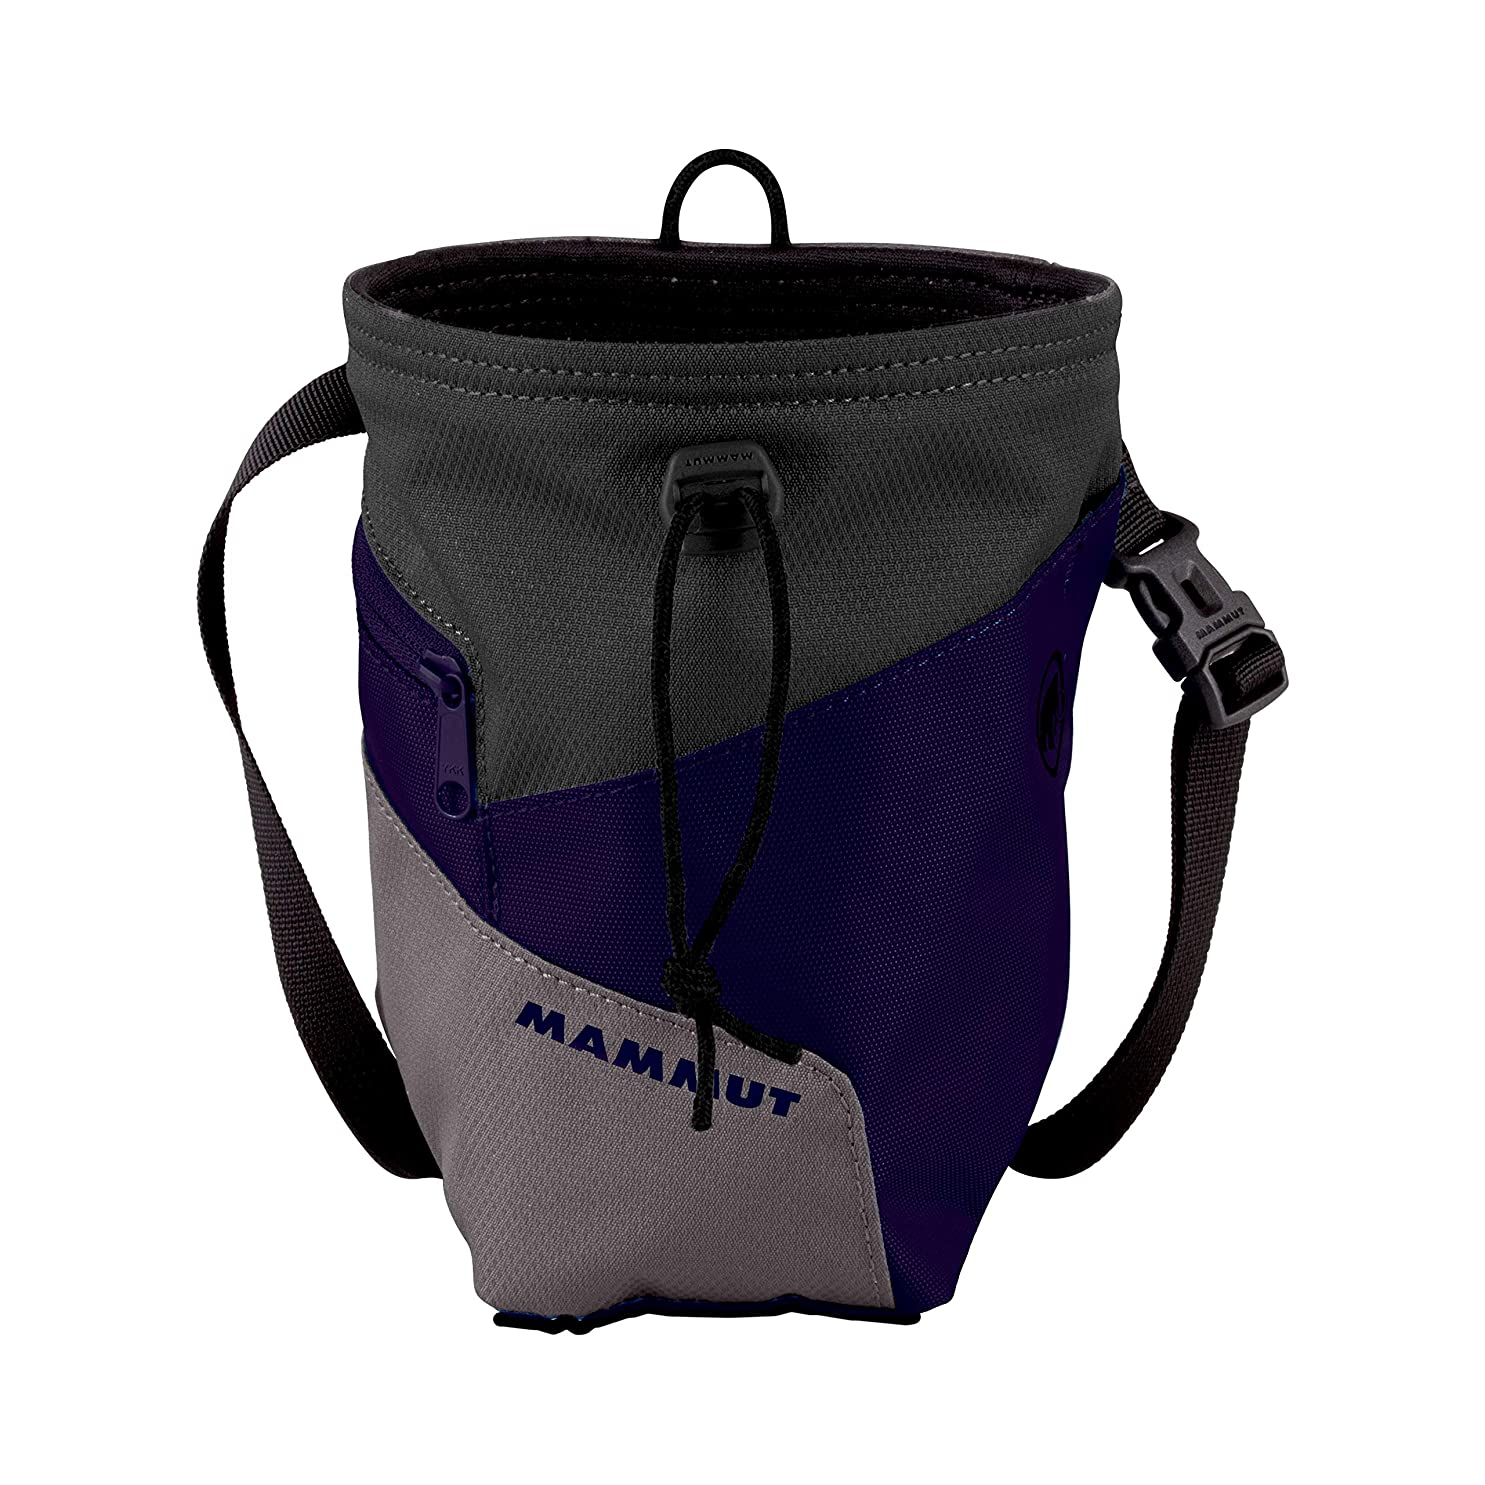 昆虫を見るチャンス可聴MAMMUT (マムート) Rider Chalk Bag ライダー チョークバッグ ギャラクシー 2290-00771-50118 [並行輸入品]